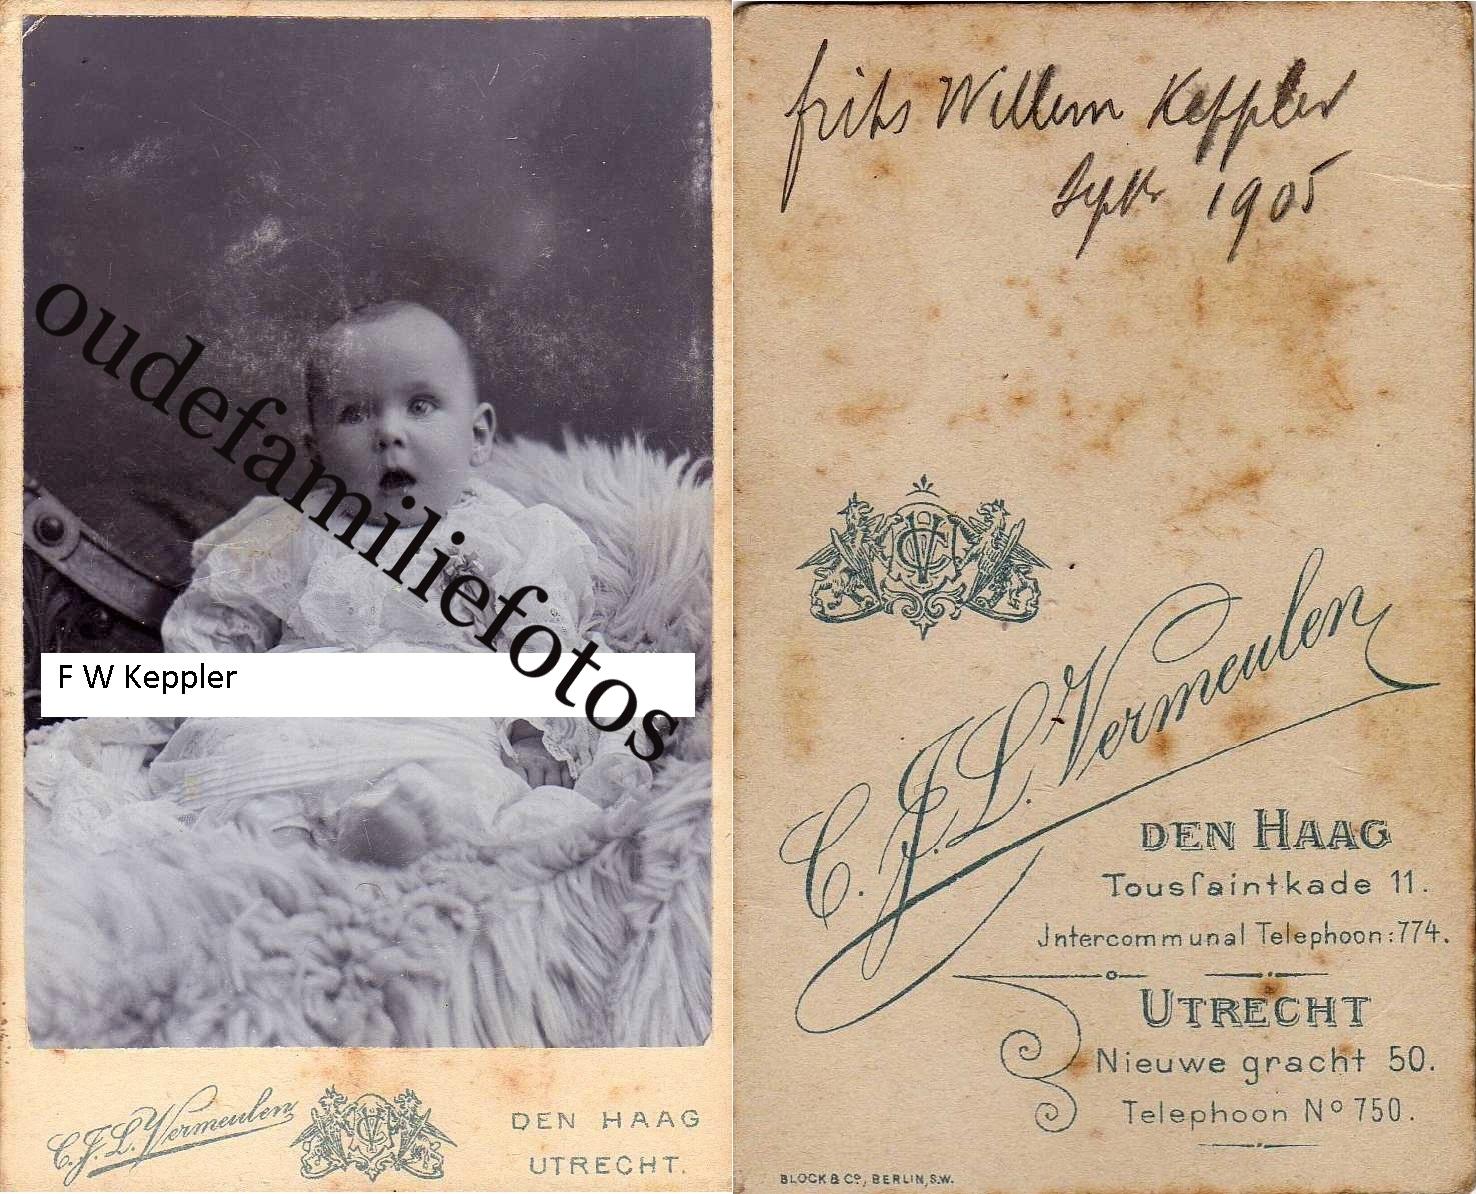 Keppler, Frits Willem. geb. 12-3-1905 A'dam gtrouwd met J.H van Buuren. € 2,00